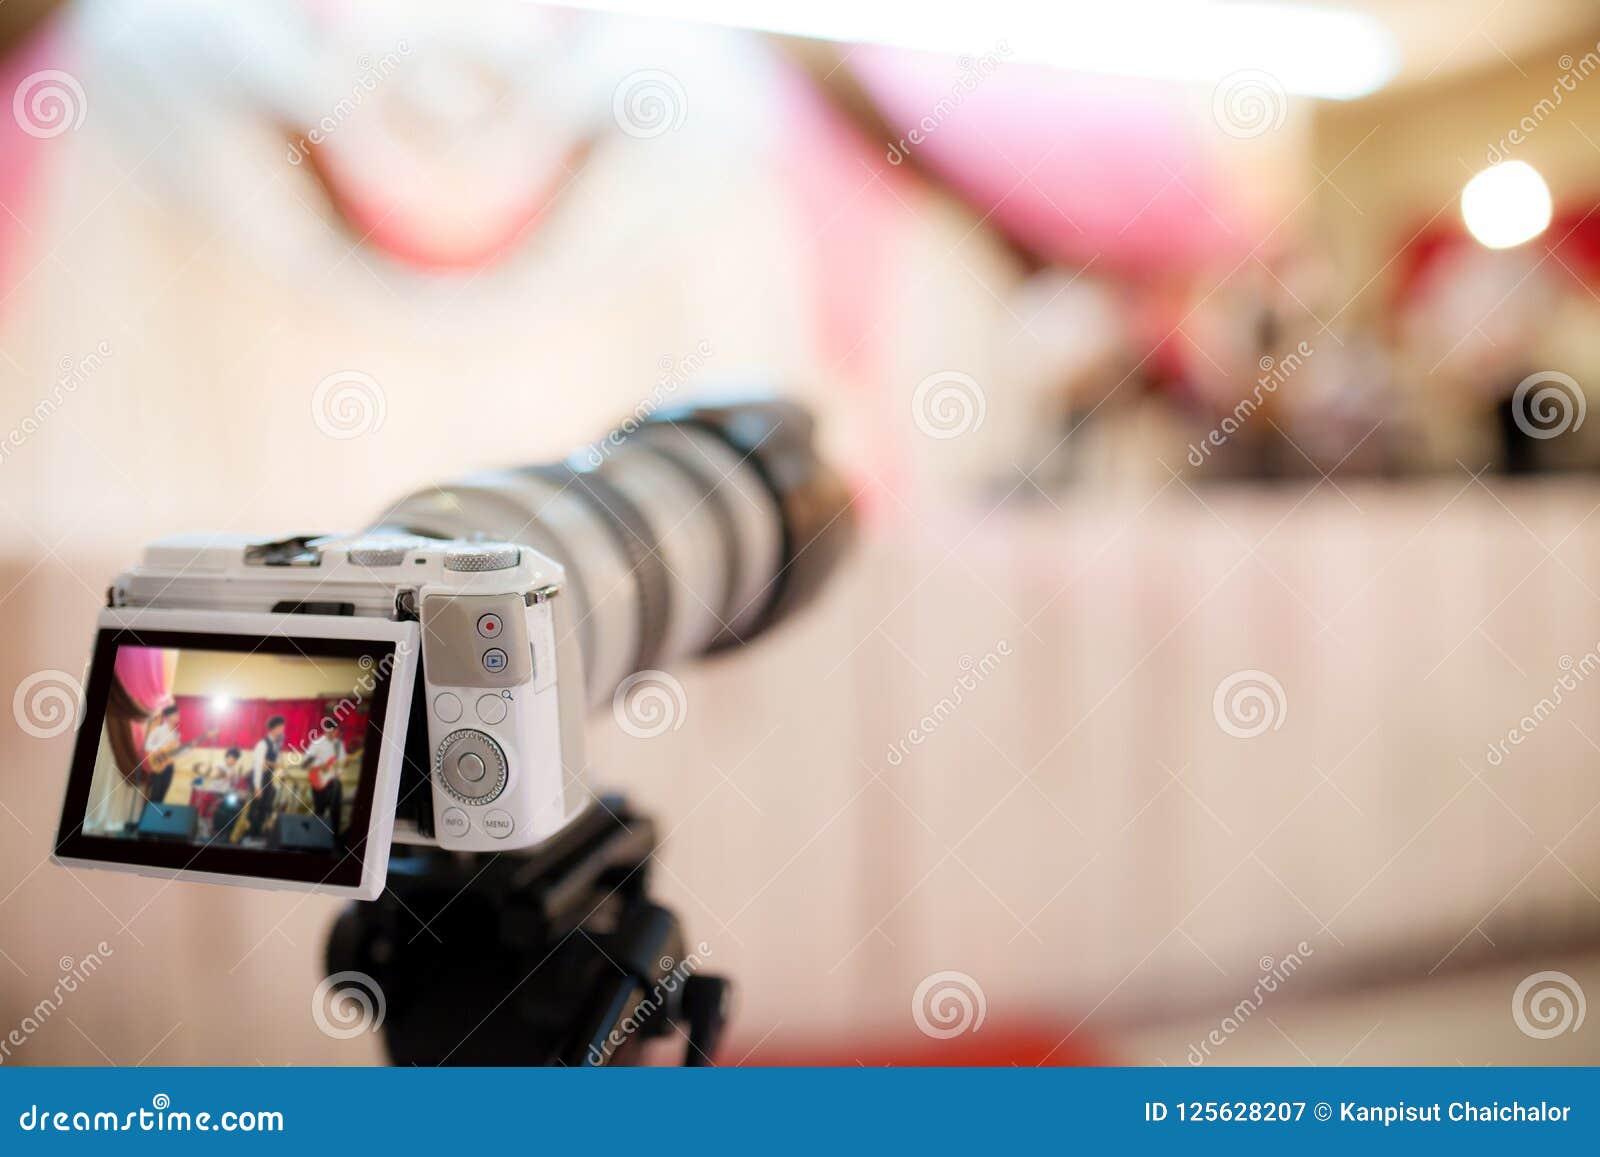 Videocamera die het grote ogenblik in huwelijksceremonie registreren